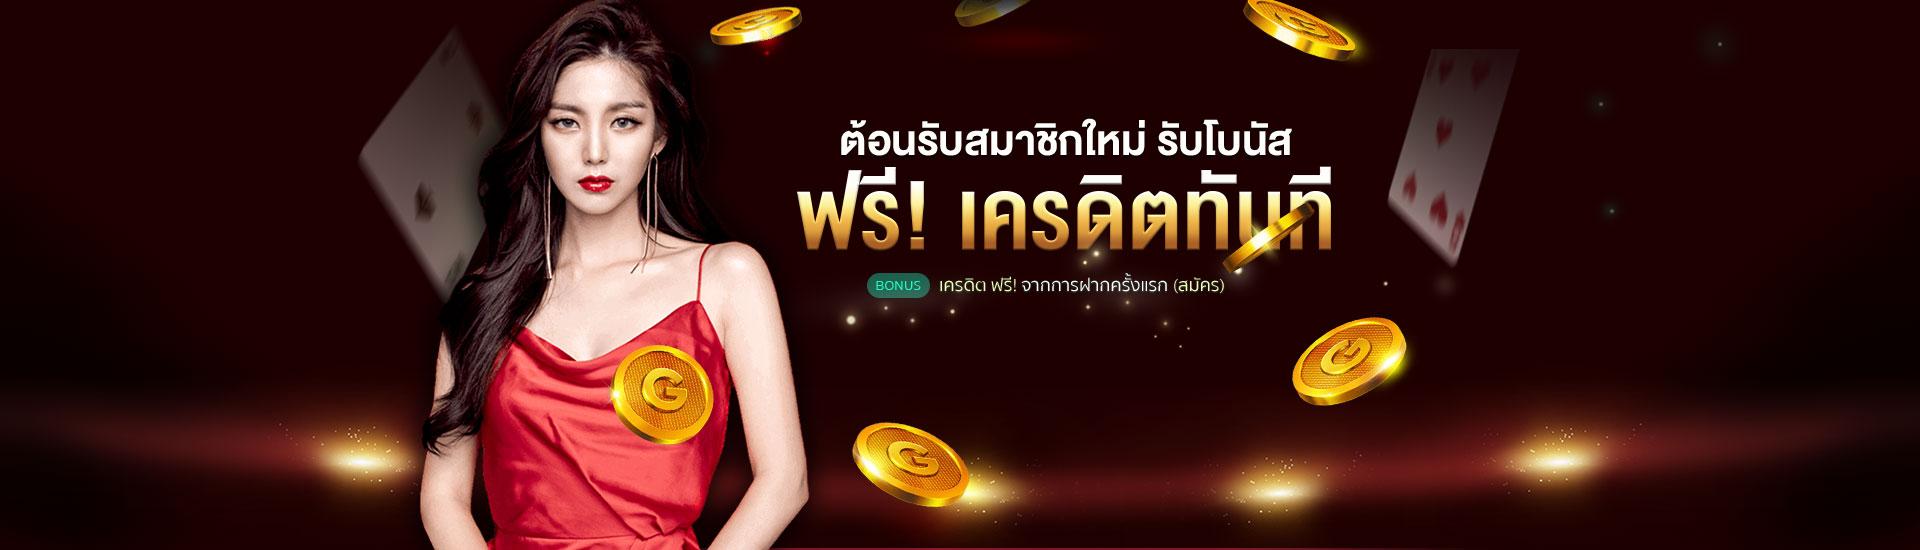 Gclub Casino คาสิโนออนไลน์ บาคาร่า จีคลับ ออนไลน์